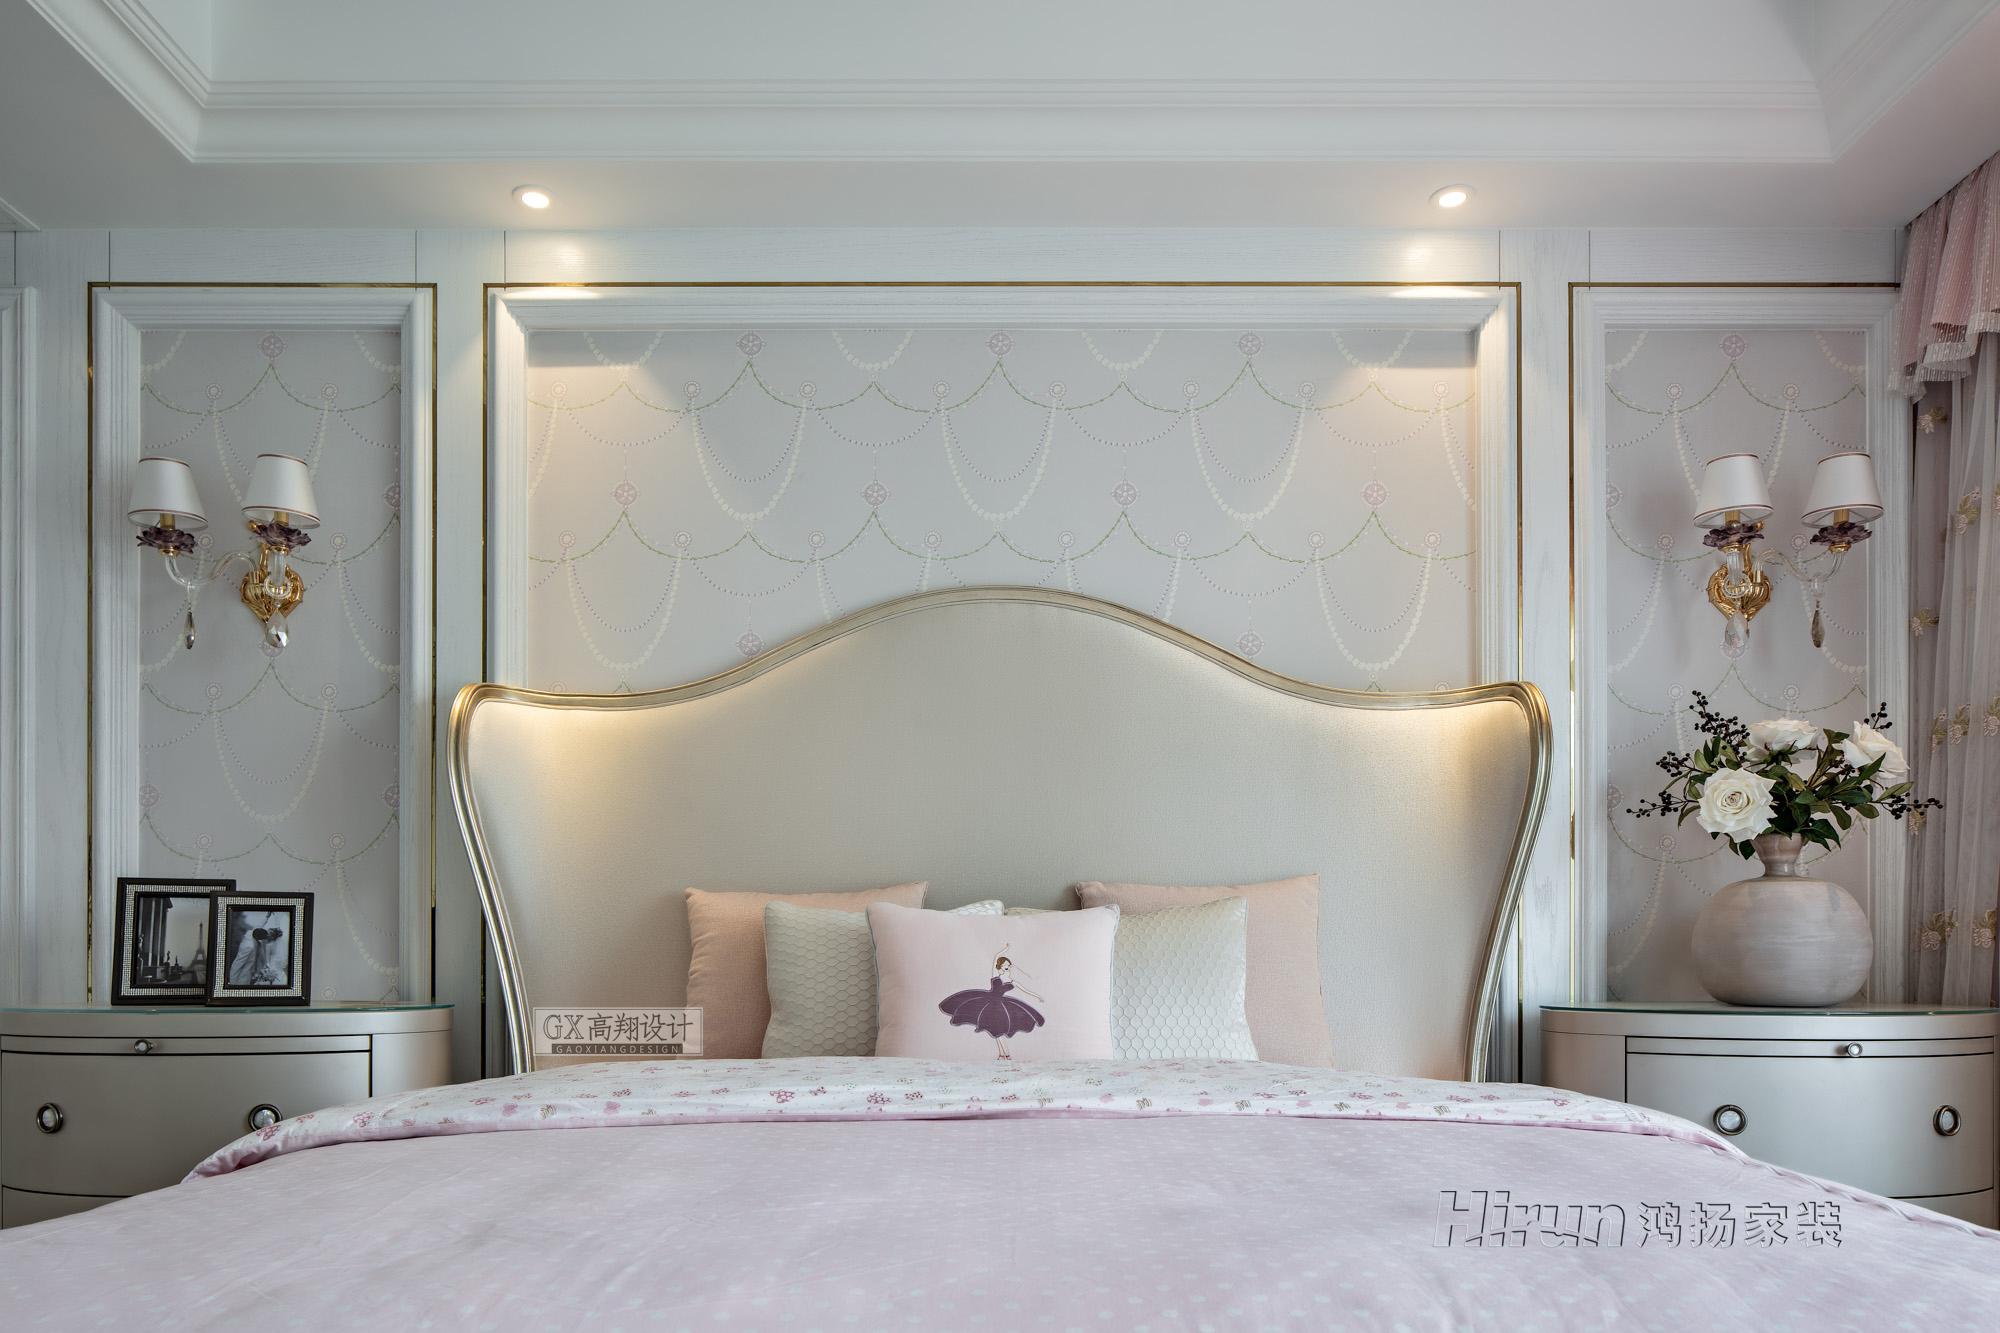 欧式 收纳 小资 卧室图片来自鸿扬家装武汉分公司在越秀星汇云锦280卢浮神韵的分享